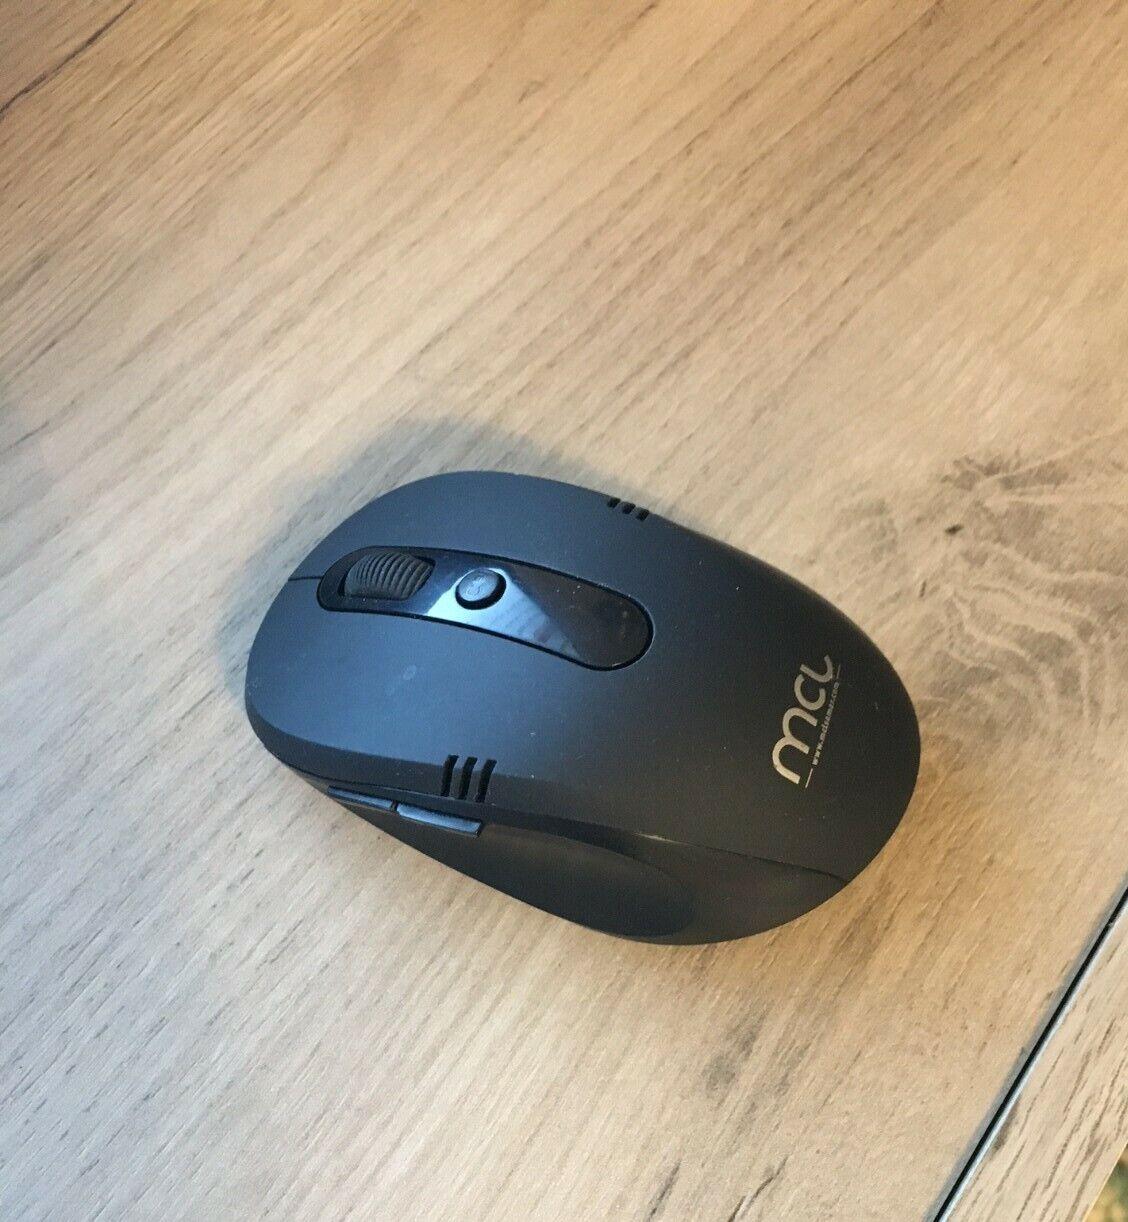 Optical souris mouse sans fil+usb recepteur wireless